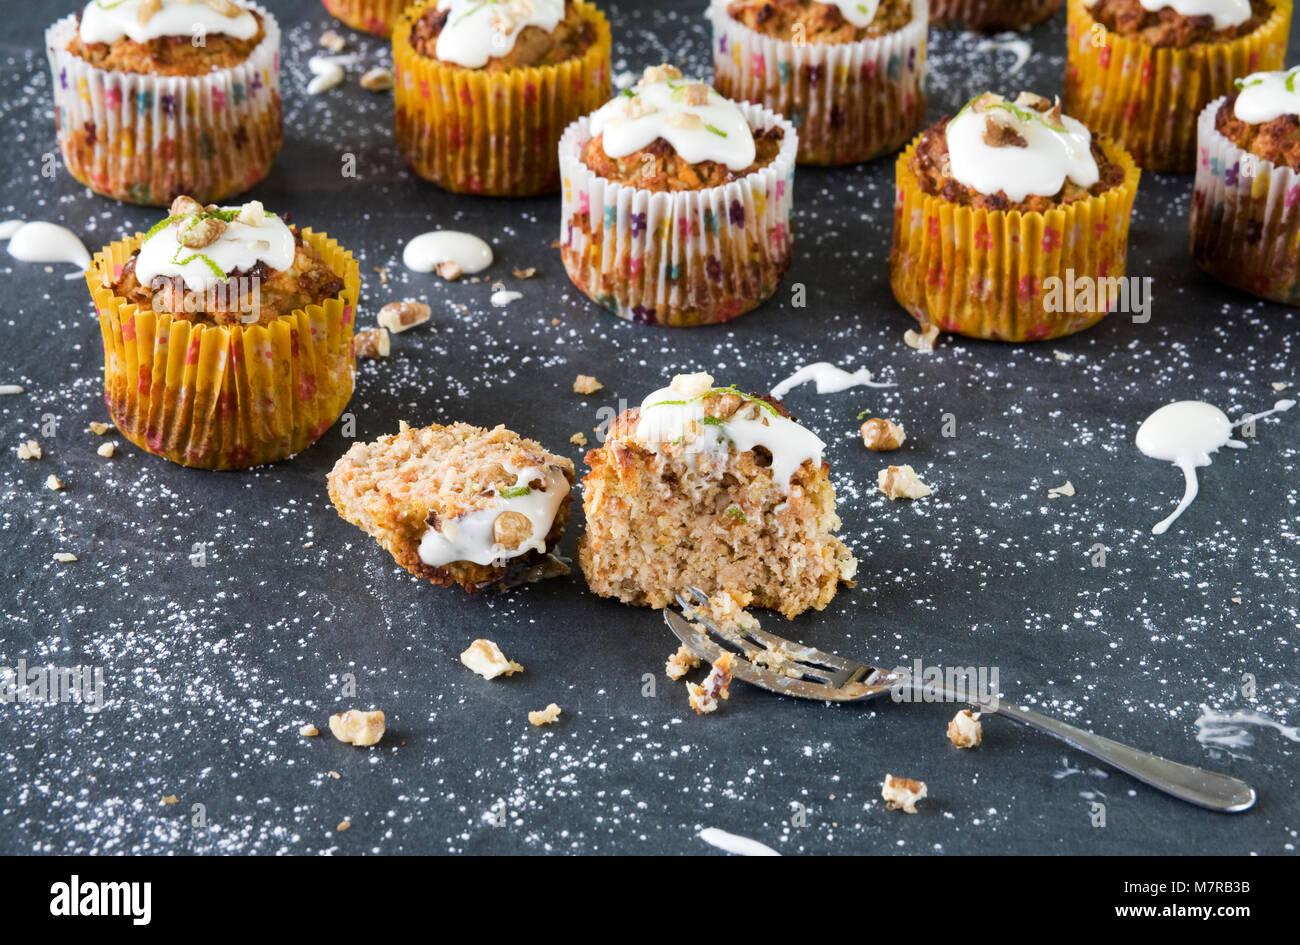 Zanahoria y coco muffins caseros. Imagen De Stock